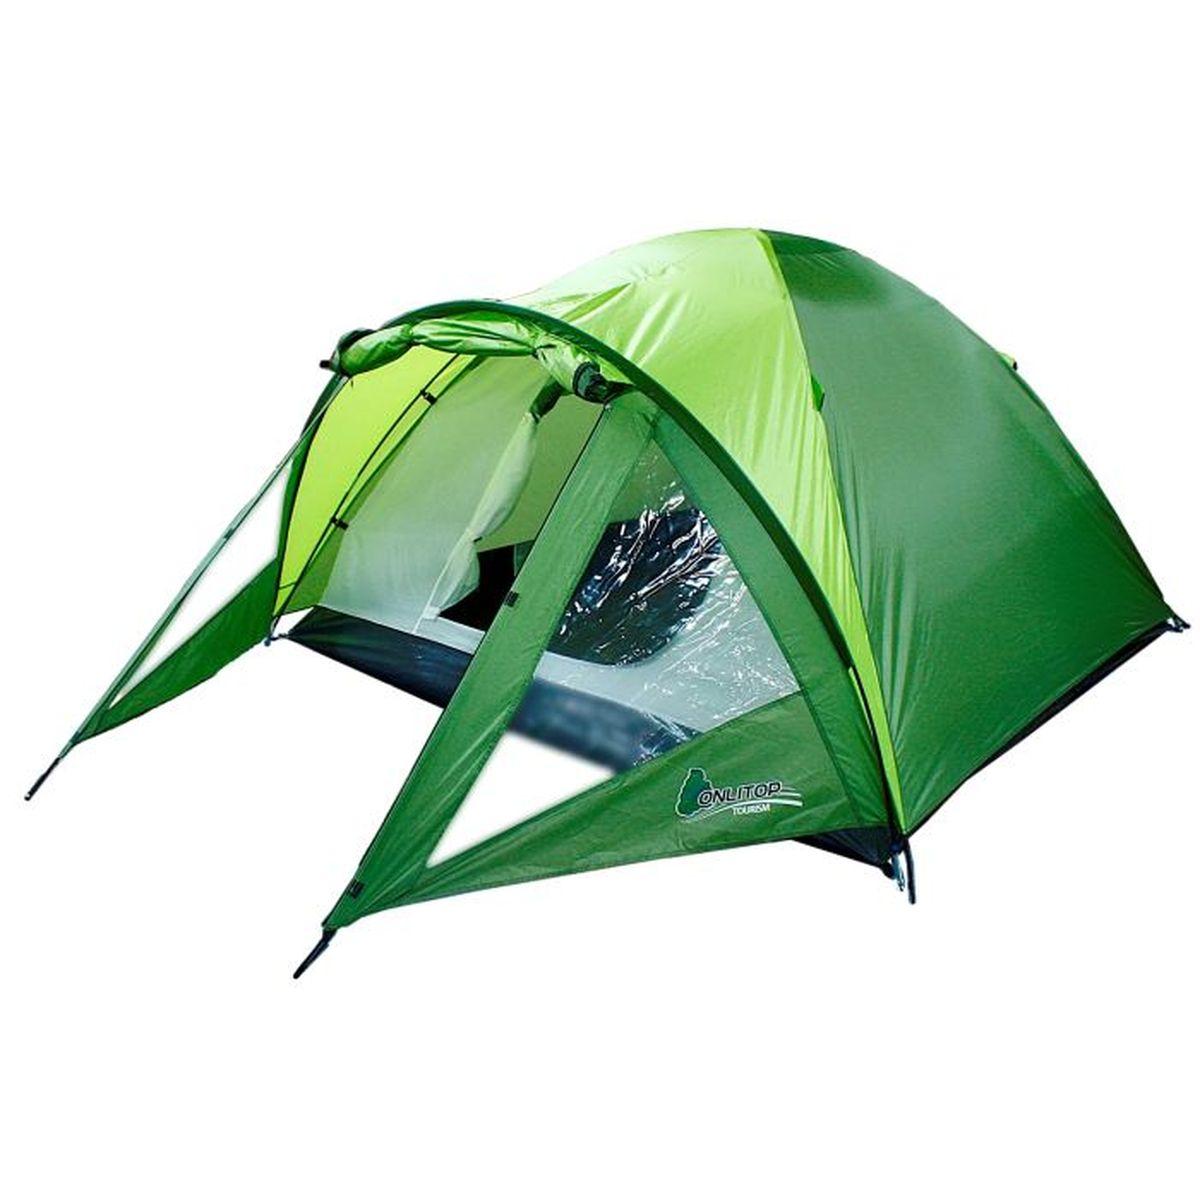 Палатка туристическая Onlitop Trekker, 3-местная, цвет: зеленый776286Если вы заядлый турист или просто любитель природы, вы хоть раз задумывались о ночевке на свежем воздухе. Чтобы провести ее с комфортом, вам понадобится палатка Onlitop Trekker. Она обеспечит безопасный досуг и защитит от непогоды и насекомых. Ткань рипстоп гарантирует длительную эксплуатацию палатки за счет высокой прочности материала.Конструкция палатки:- 1 вход;- 1 вместительный передний тамбур для хранения вещей с двумя боковыми окнами.Внутреннее оснащение:- москитная сетка на входе;- 1 вентиляционное окно;- 2 кармана для хранения вещей.Размер палатки: 300 x 210 x 130 см (1 тамбур, 90 см + комната, 210 см).